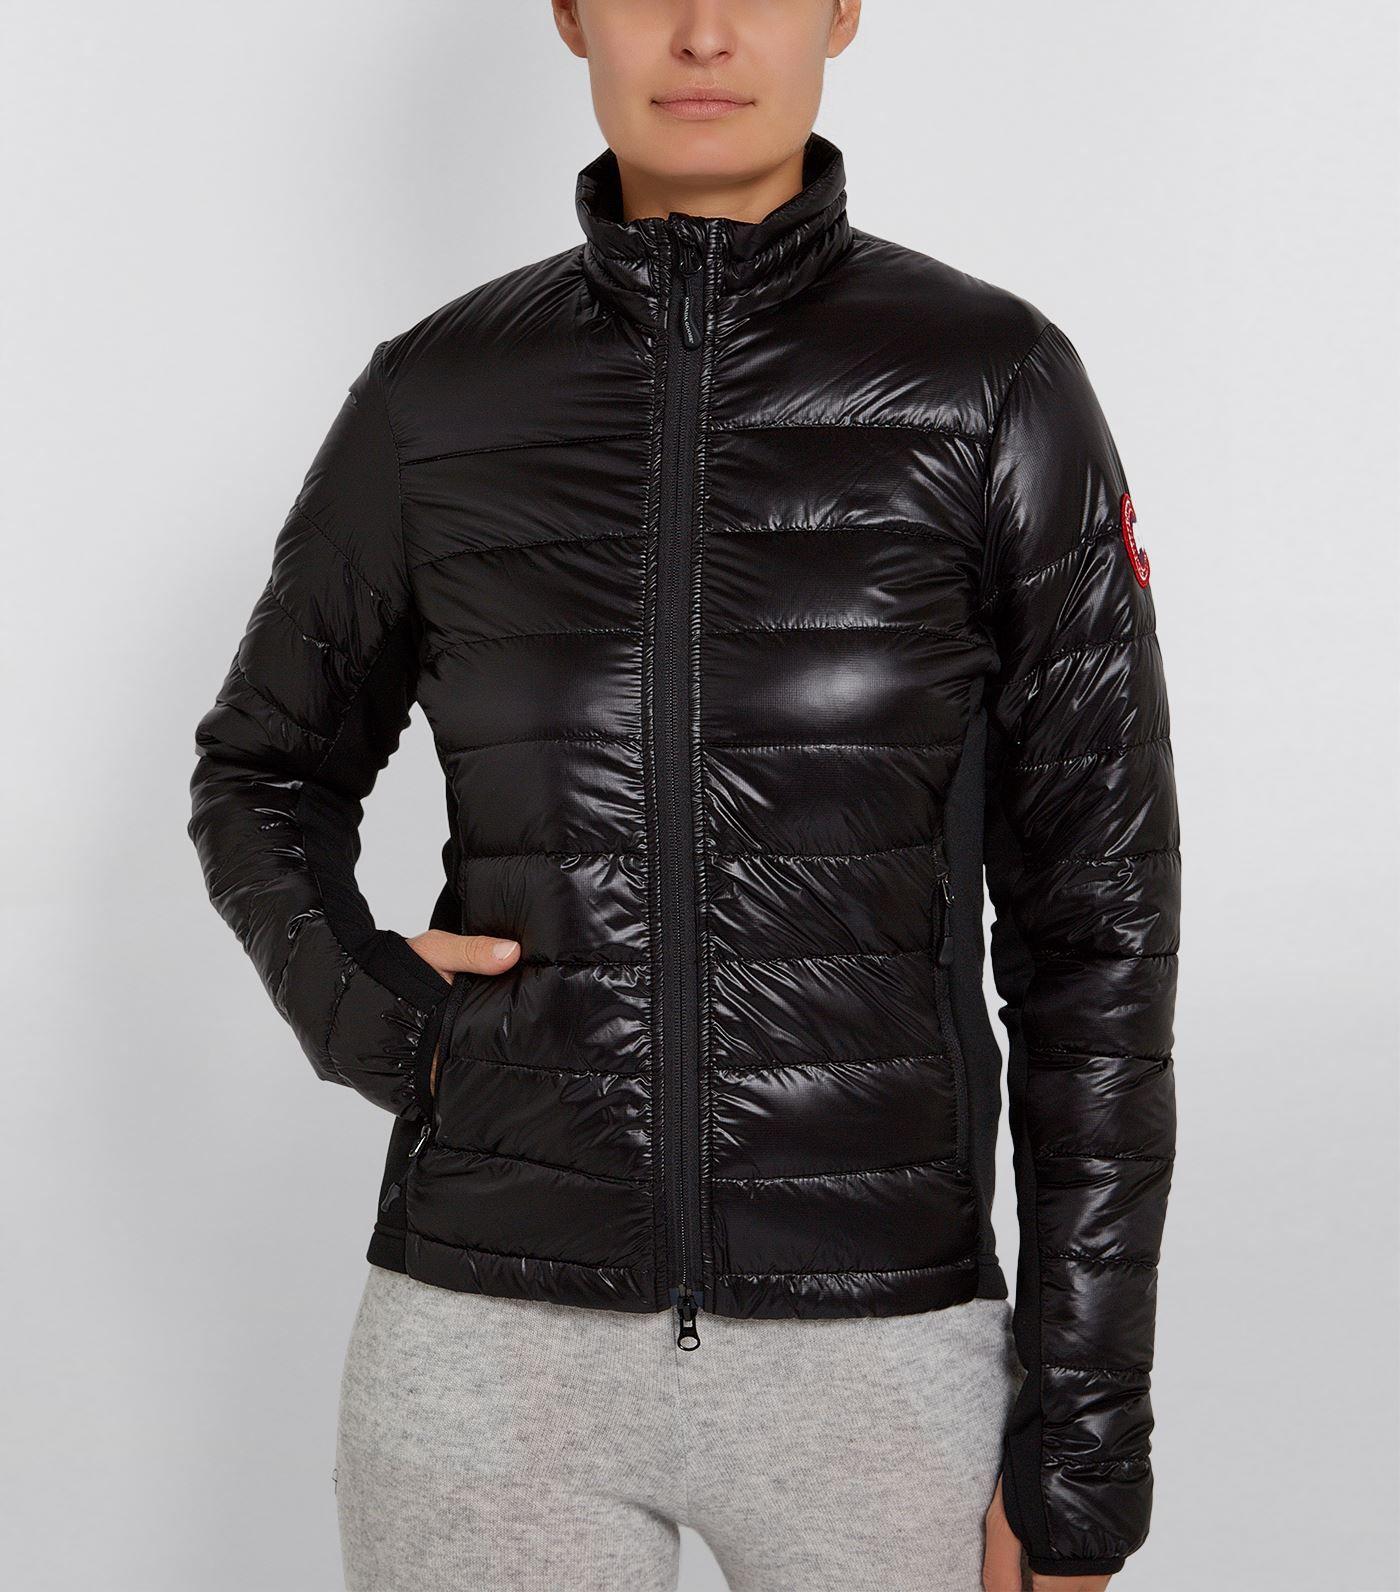 Canada Goose Black Hybridge Lite Jacket Harrods Uk Jackets Casual Fashion Fashion